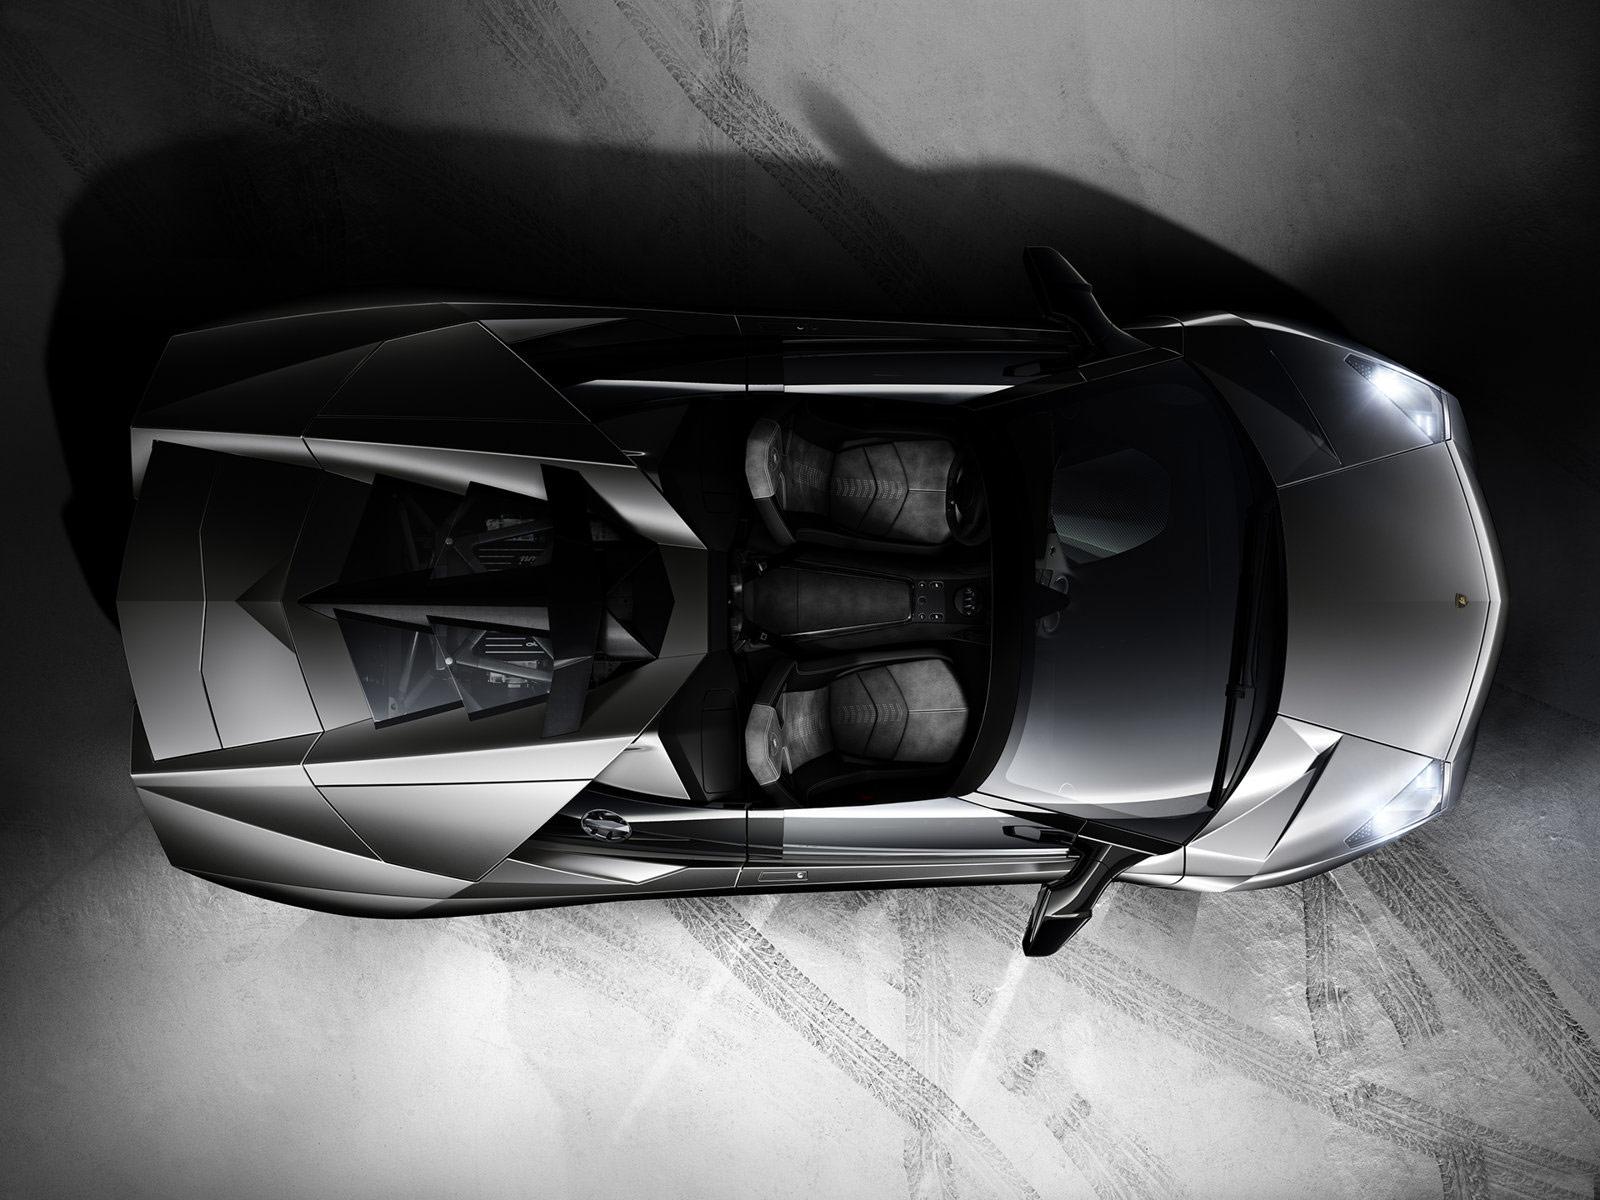 http://2.bp.blogspot.com/_m_XWwB73yT4/S-t7qk9a1XI/AAAAAAAABwA/3C6a4qdc6Ic/s1600/Lamborghini_Reventon_Roadster_2010_06.jpg